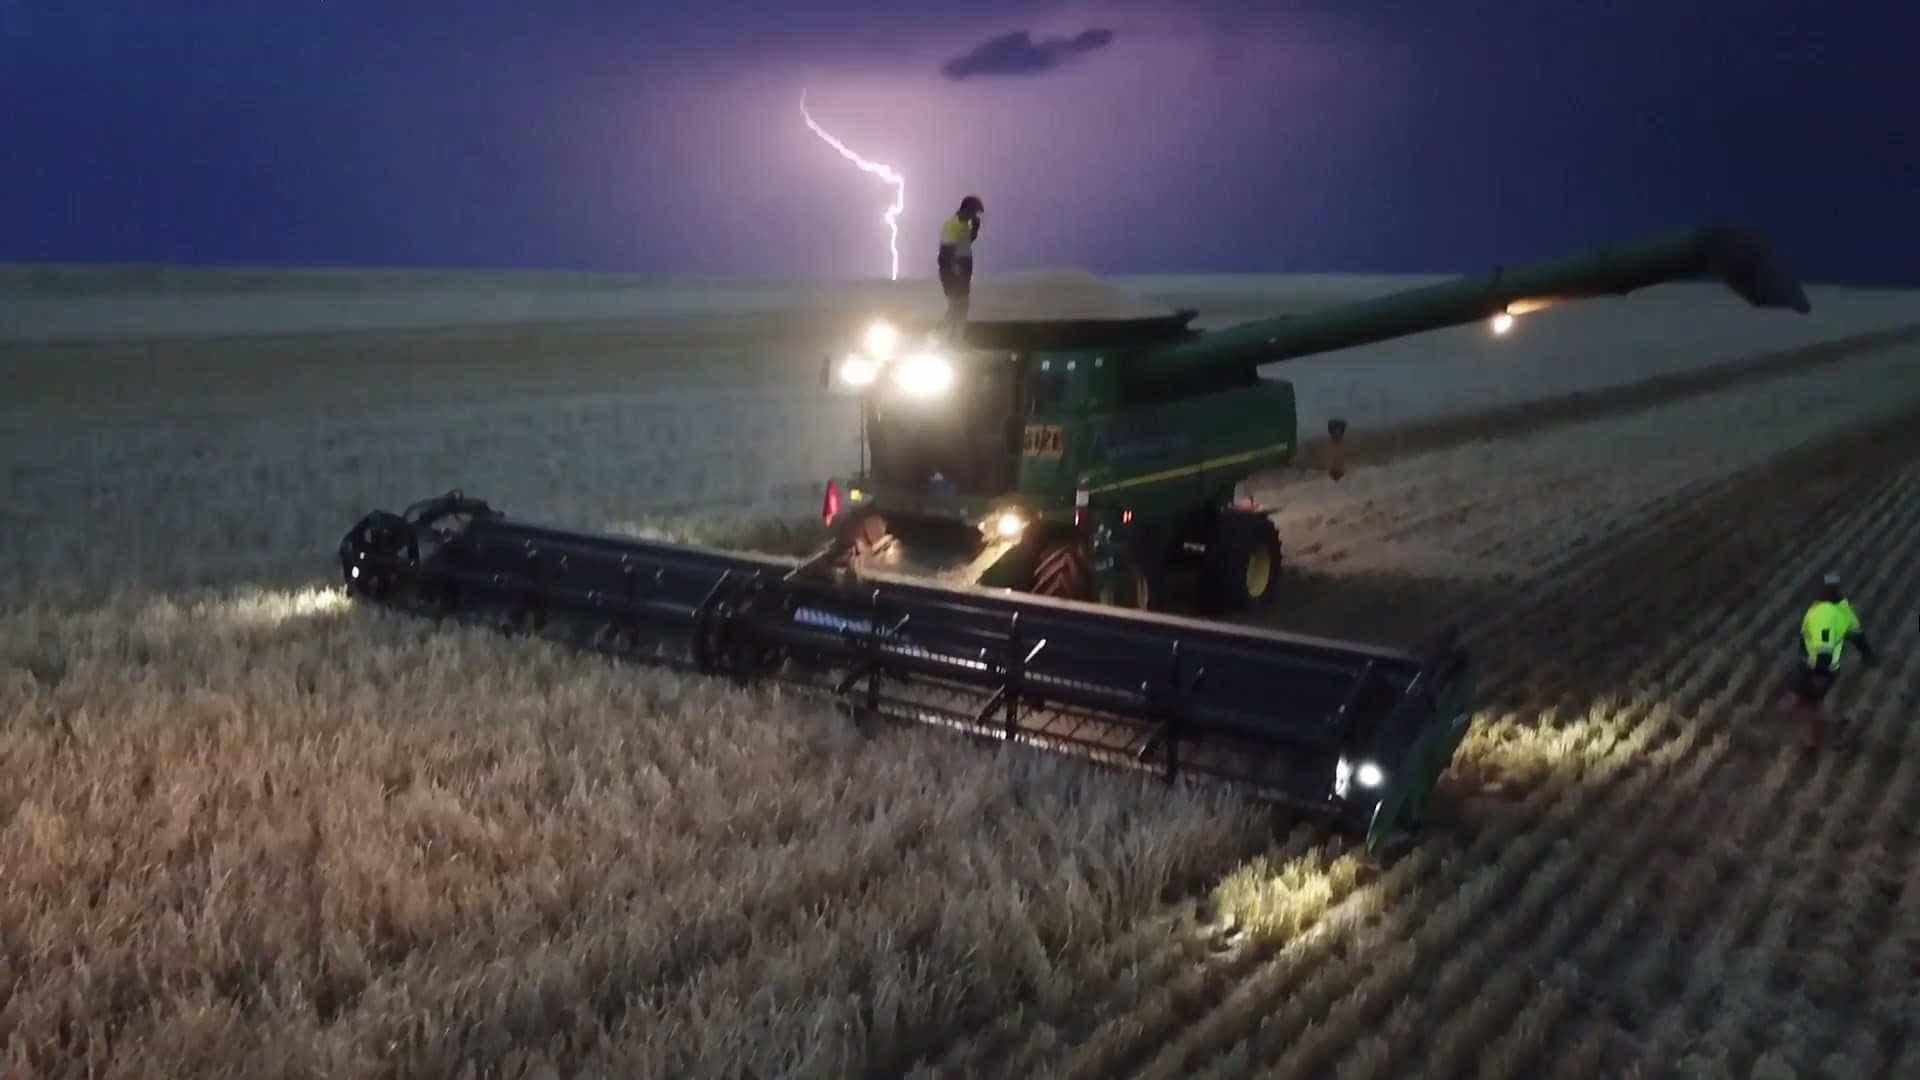 Homem dança em colheitadeira durante tempestade de relâmpagos